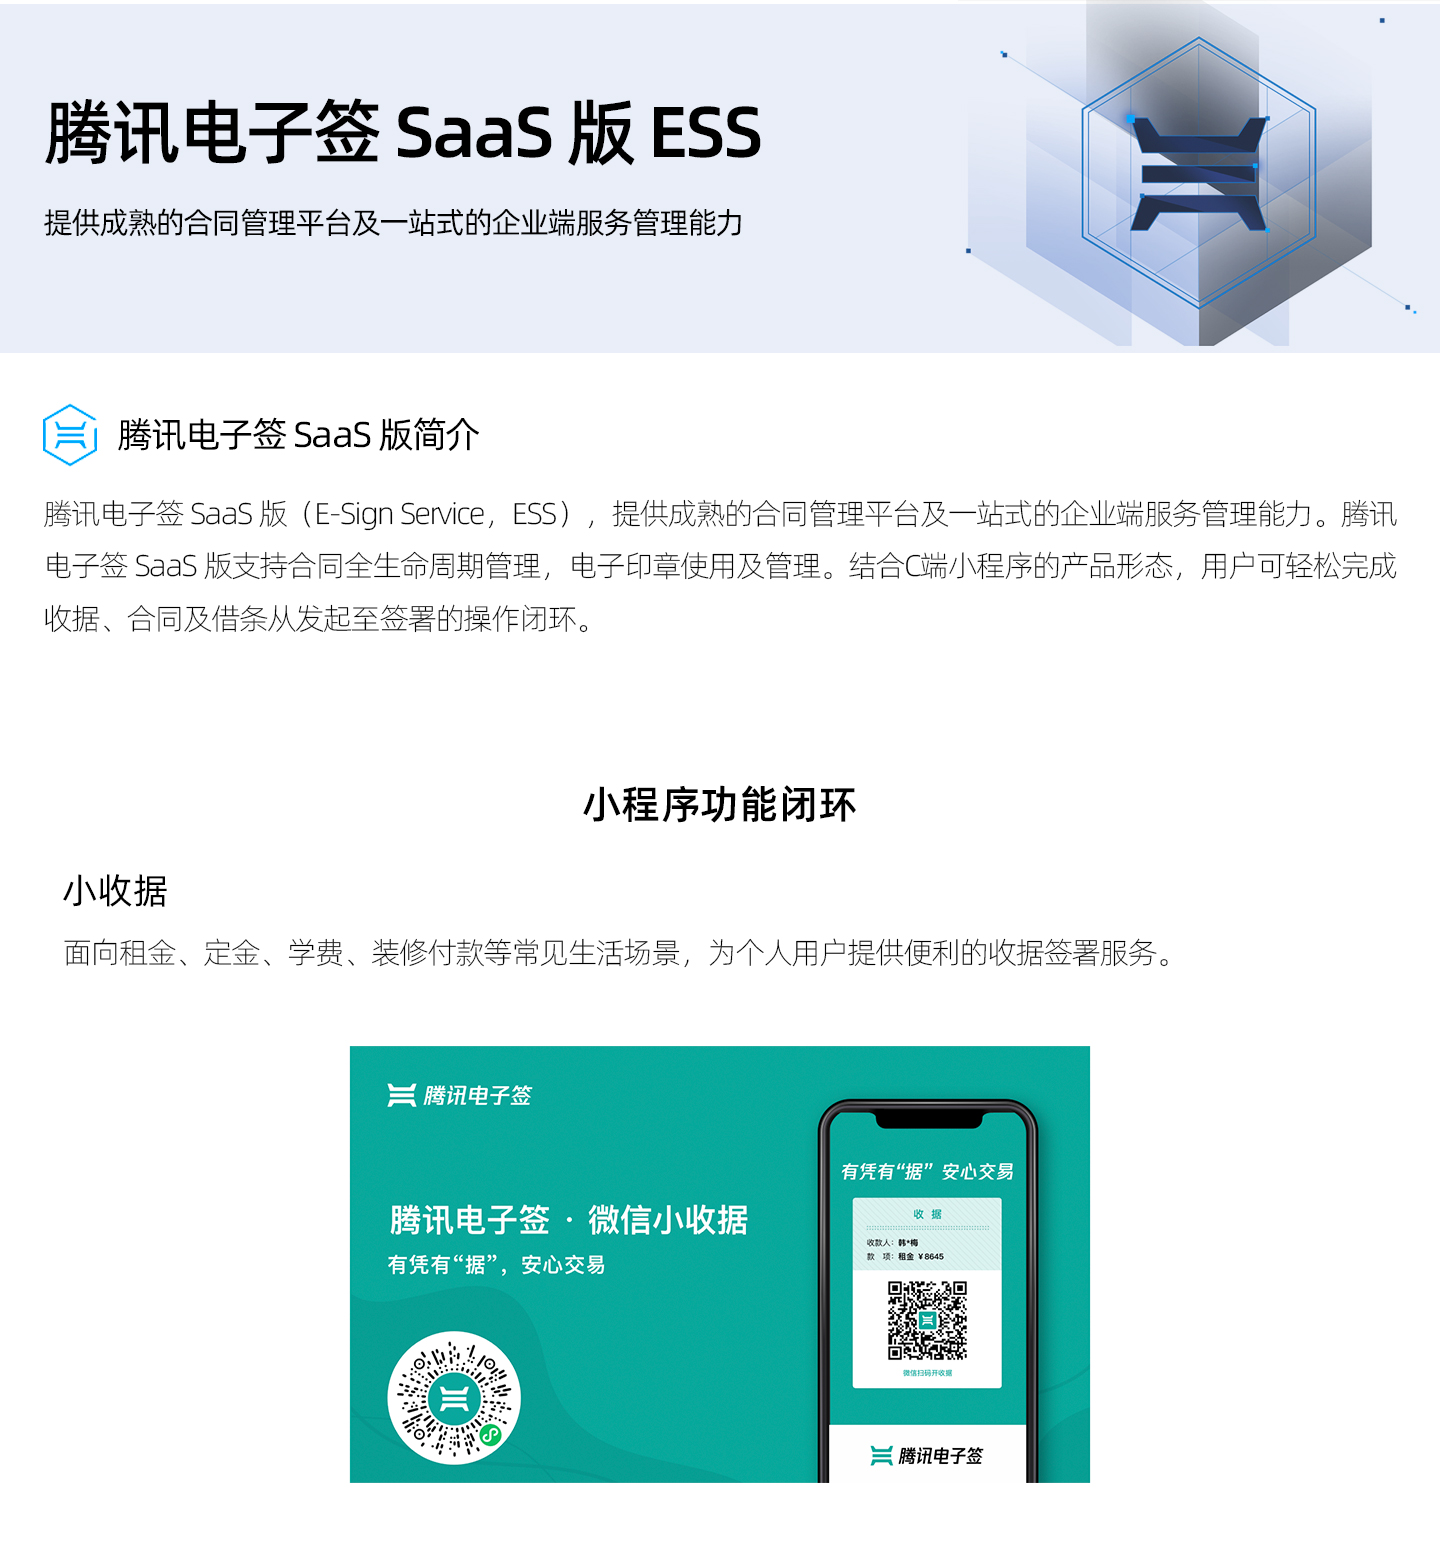 腾讯电子签-SaaS-版-ESS-1440_01.jpg